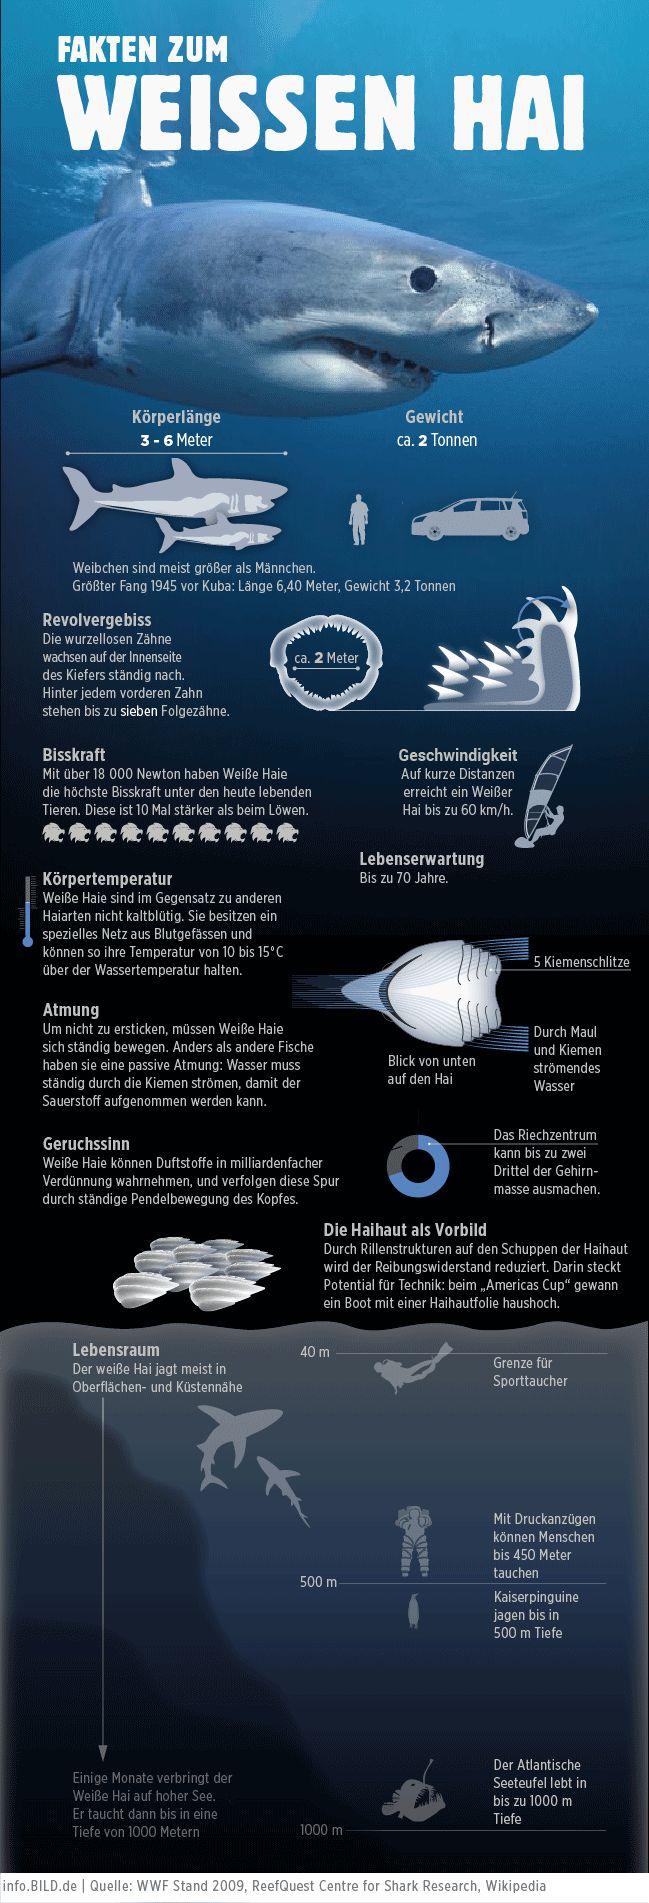 Fakten zum weißen Hai | Infografik | info.bild